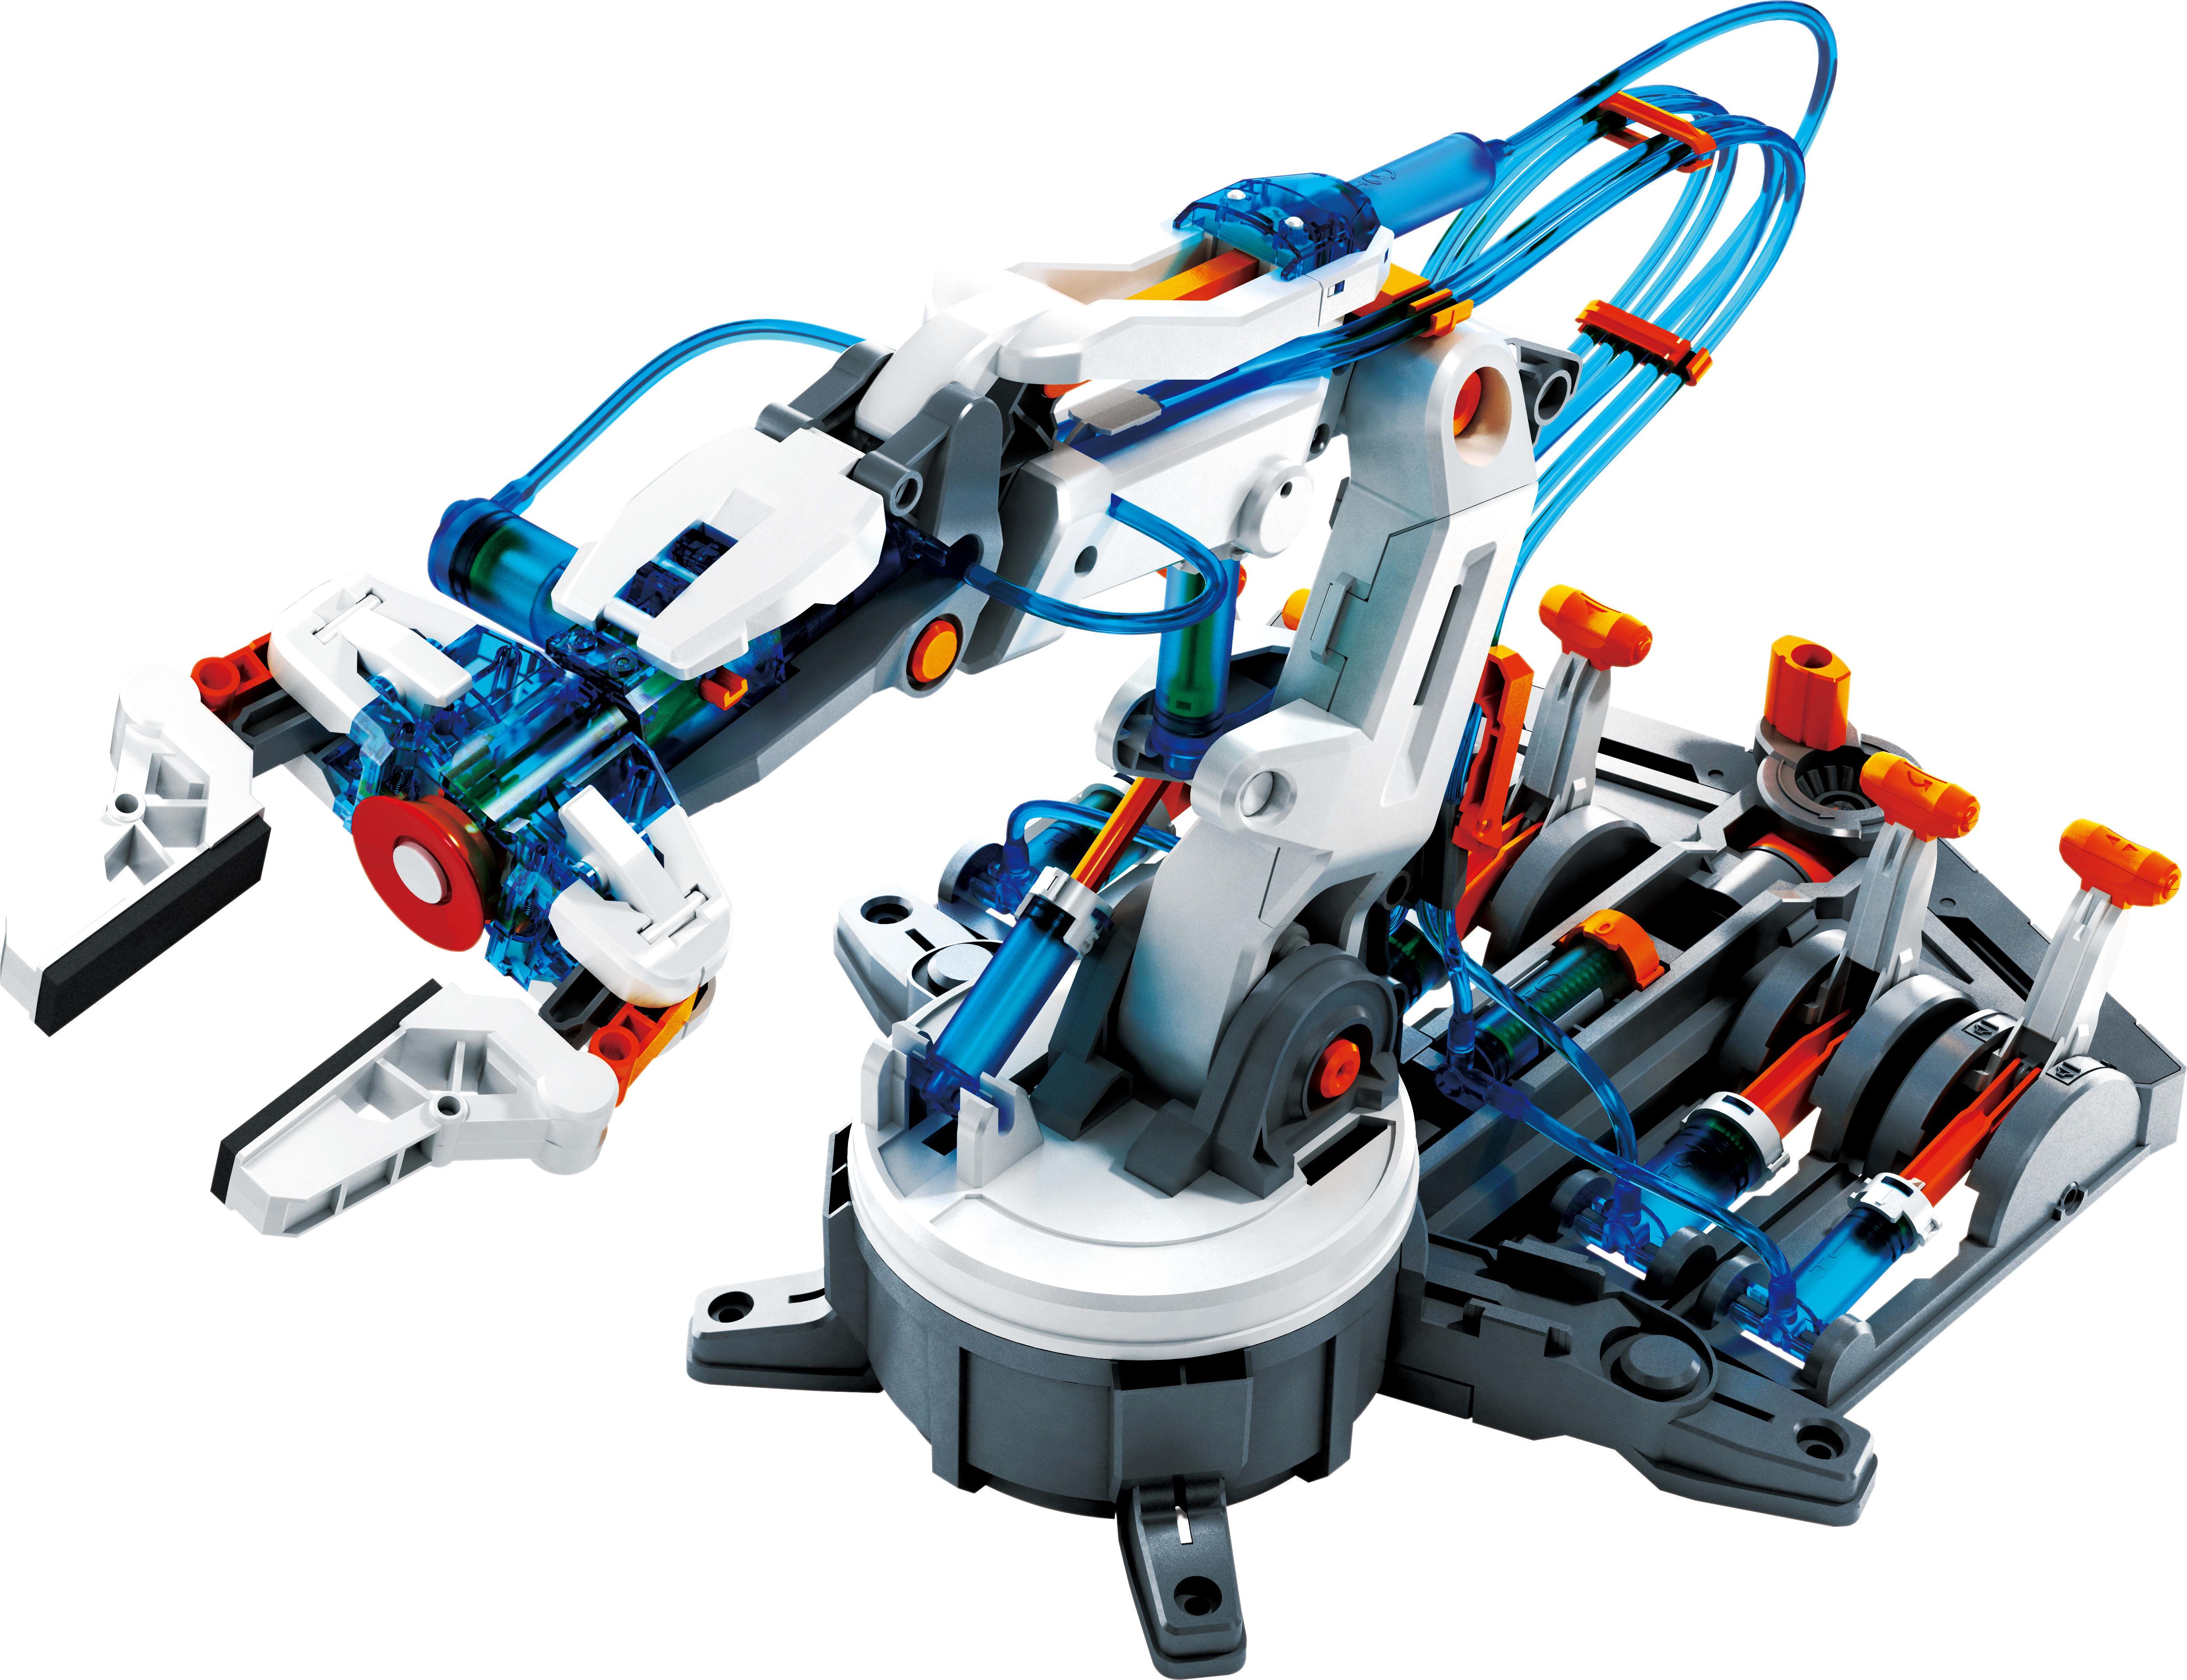 Elenco OWI Hydraulic Robotic Arm Edge